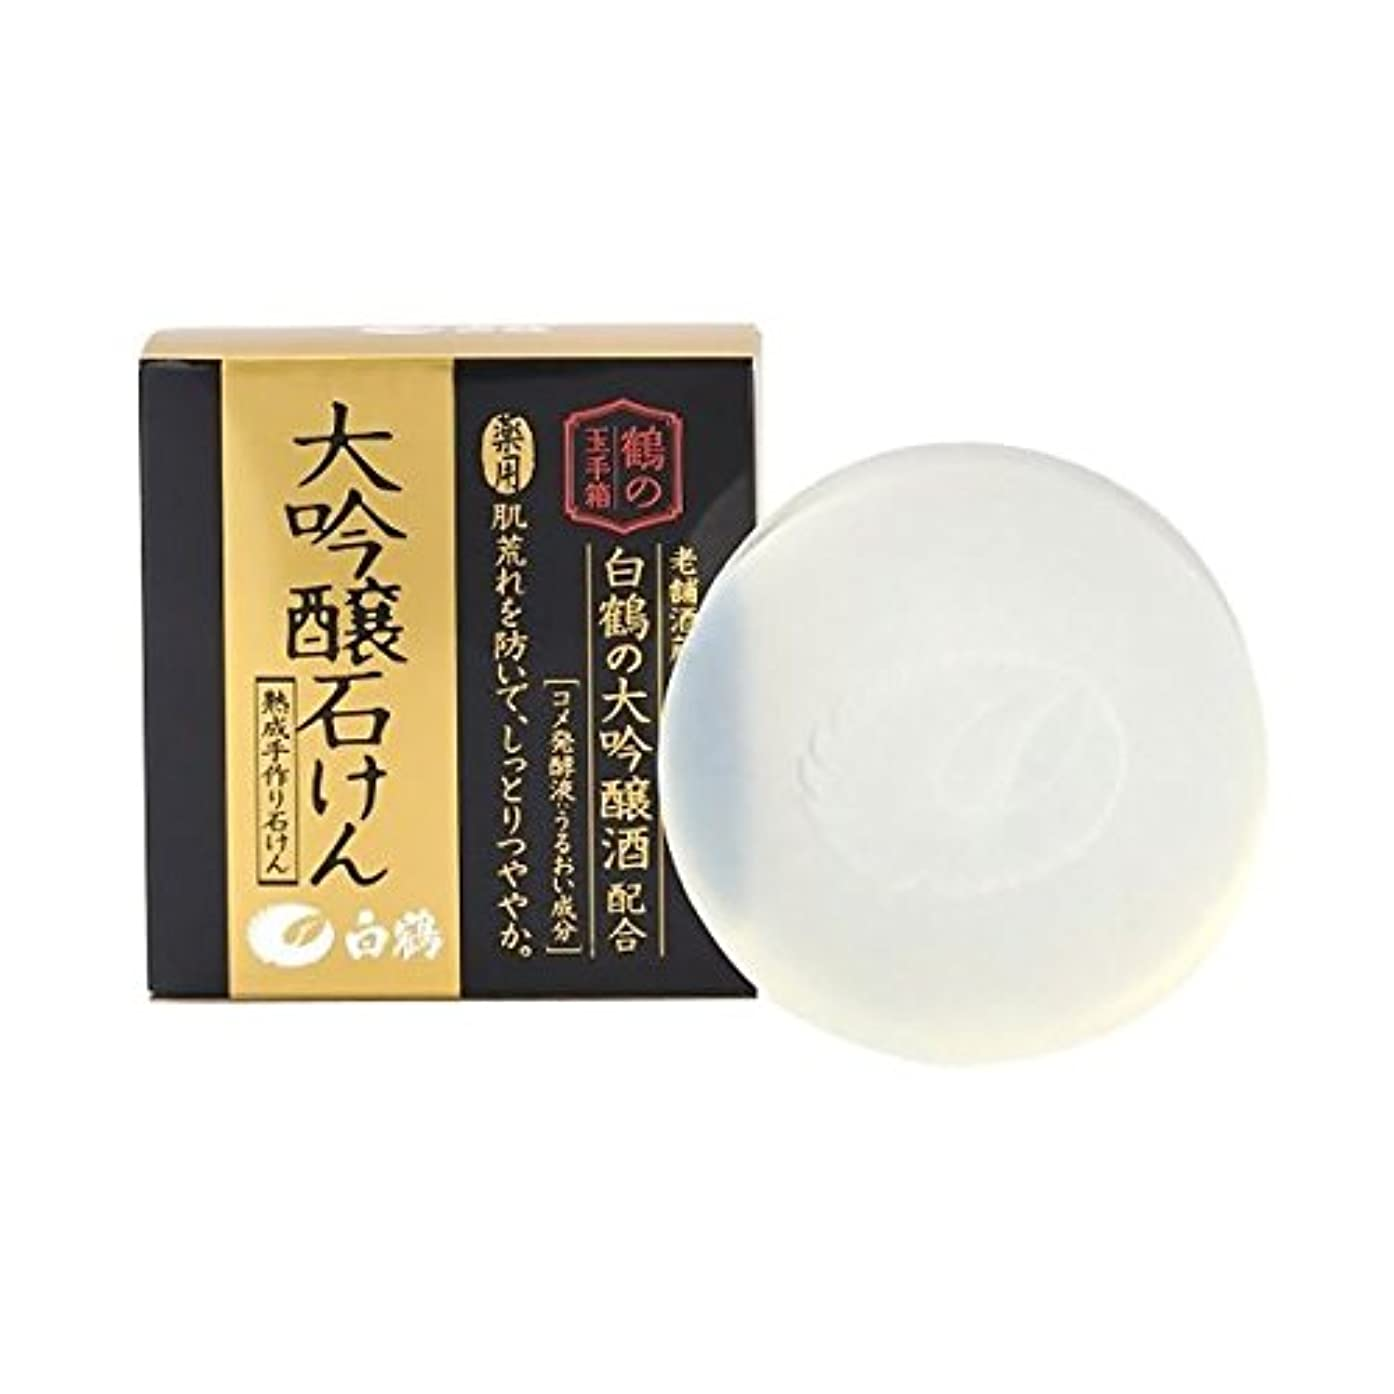 偉業下に向けますひねくれた白鶴 鶴の玉手箱 大吟醸石けん 100g × 3個 (薬用)(医薬部外品)